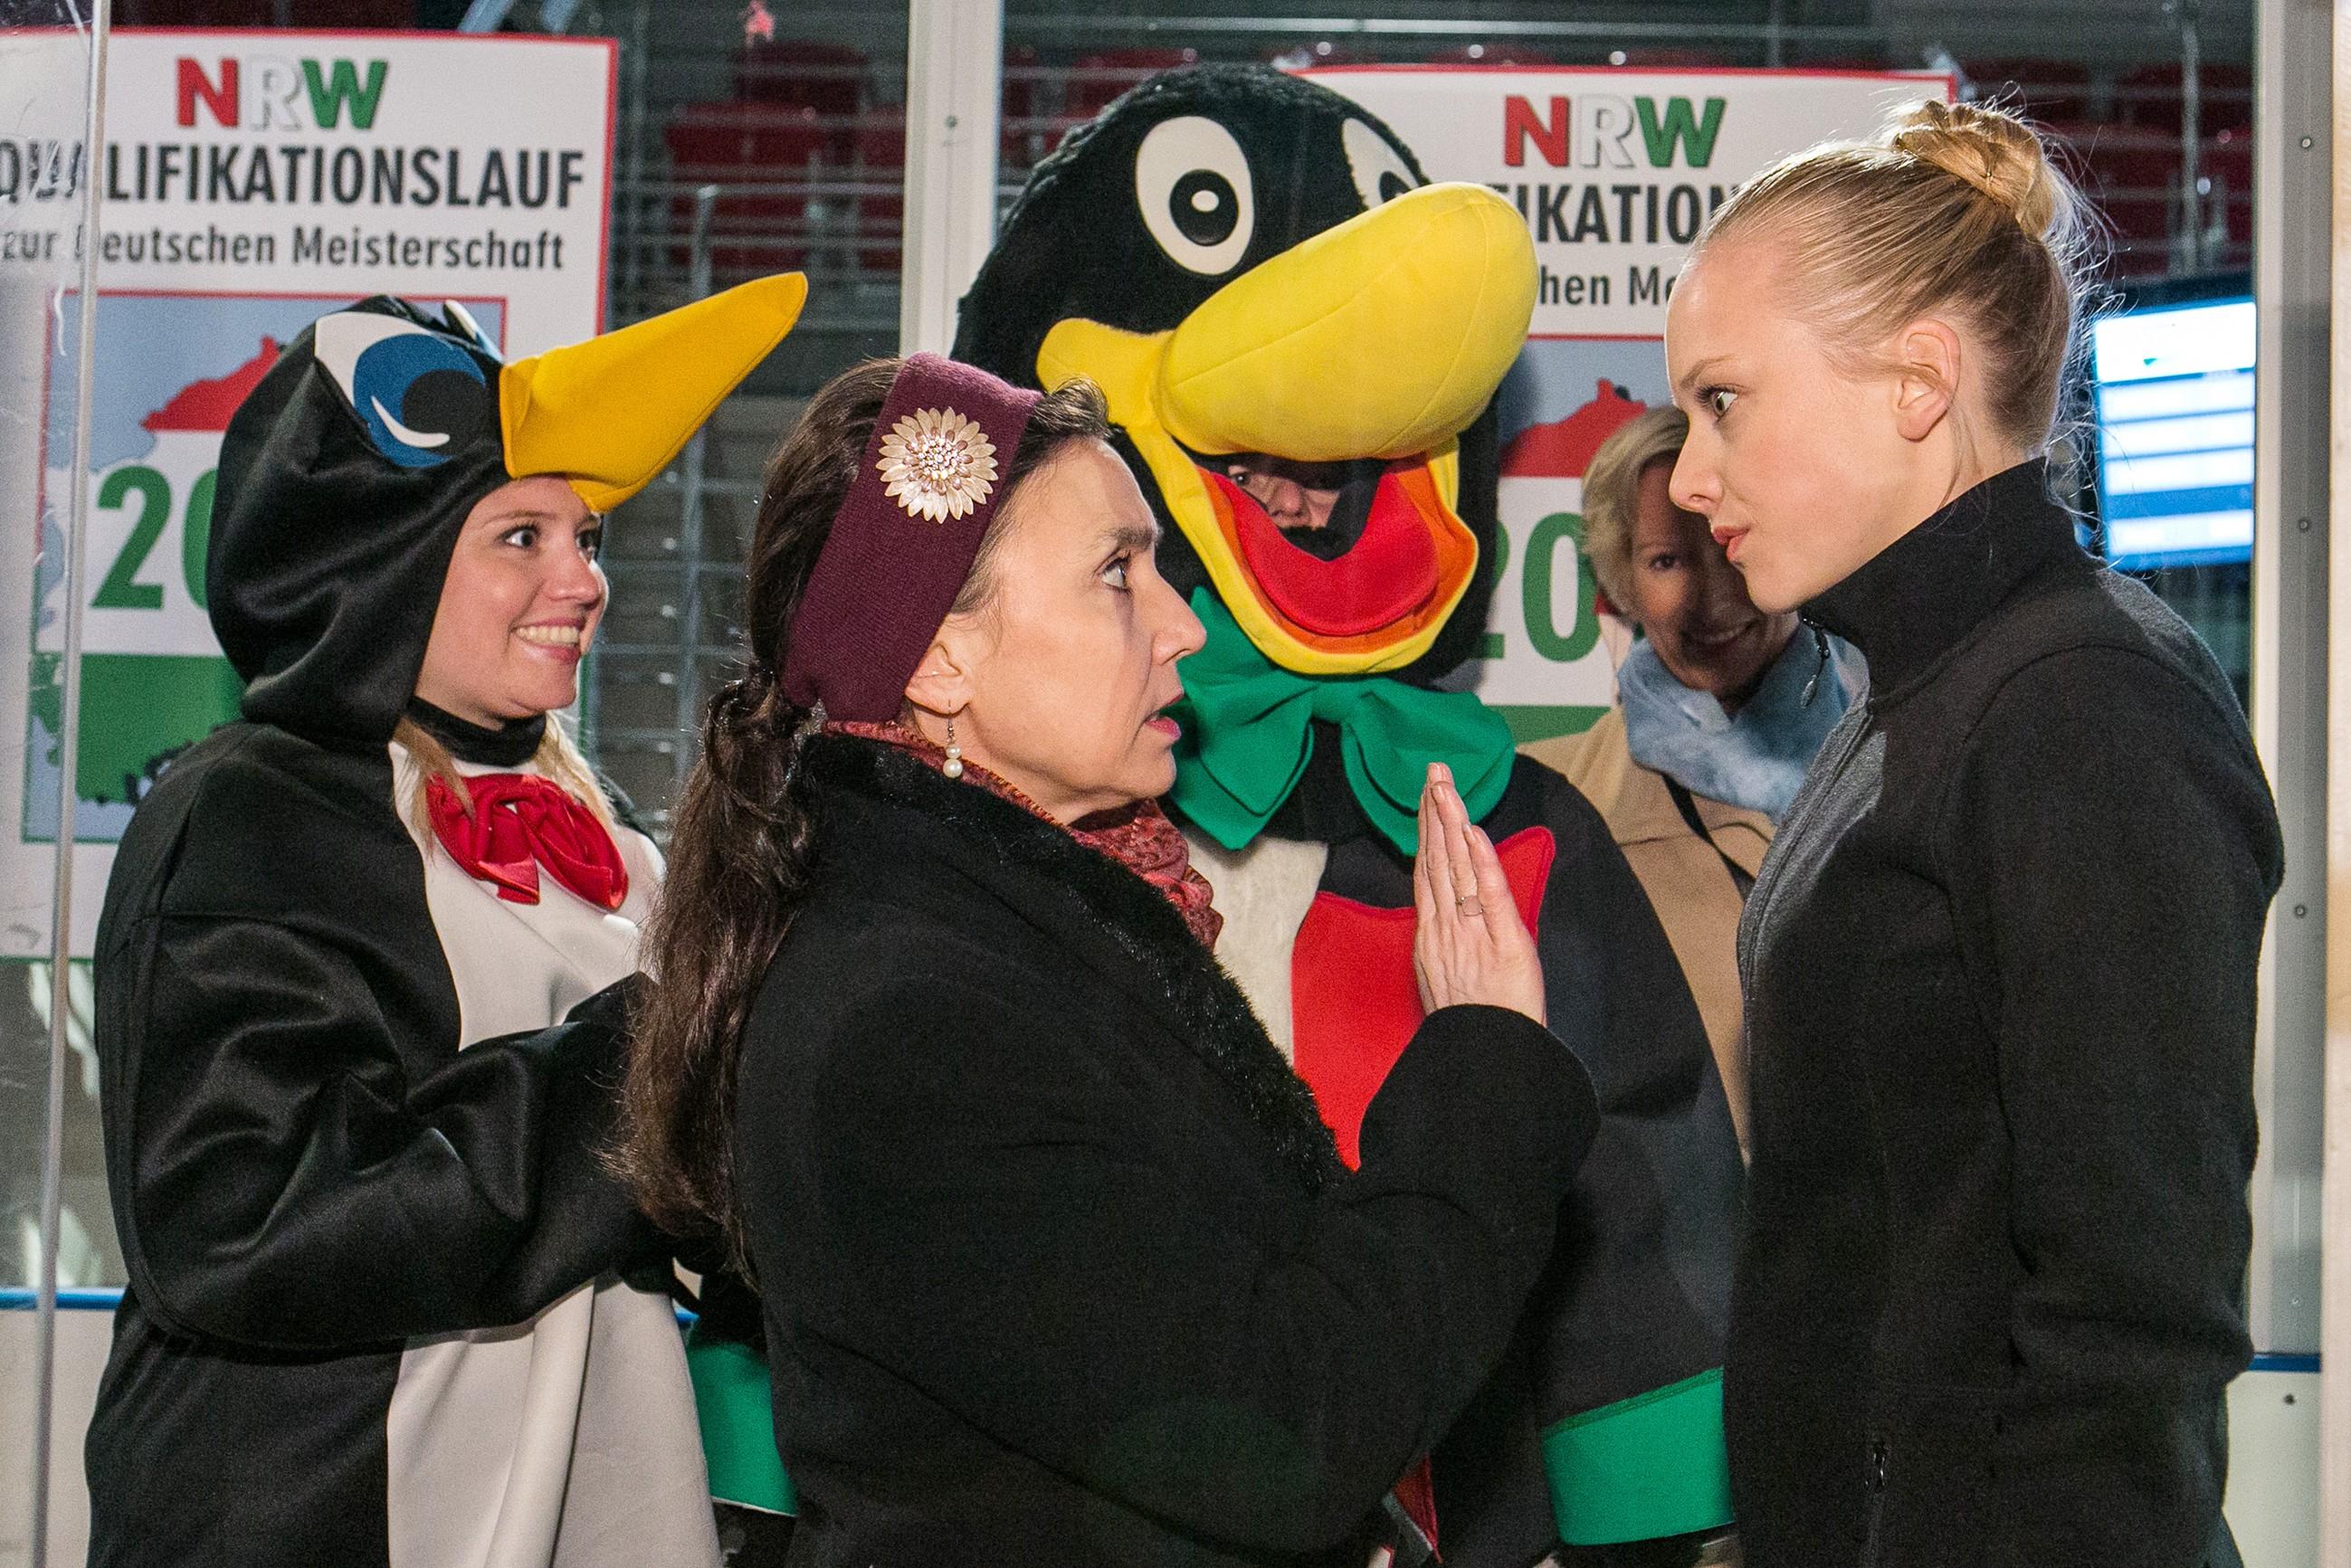 Während Bea (Caroline Maria Frier, l.) und Ingo (André Dietz) sich freuen, dass Marie (Judith Neumann, r.) sich für die Deutsche Meisterschaft qualifizieren konnte, macht Simone (Tatjana Clasing) keinen Hehl aus ihrer Erwartungshaltung. (Quelle: RTL / Kai Schulz)